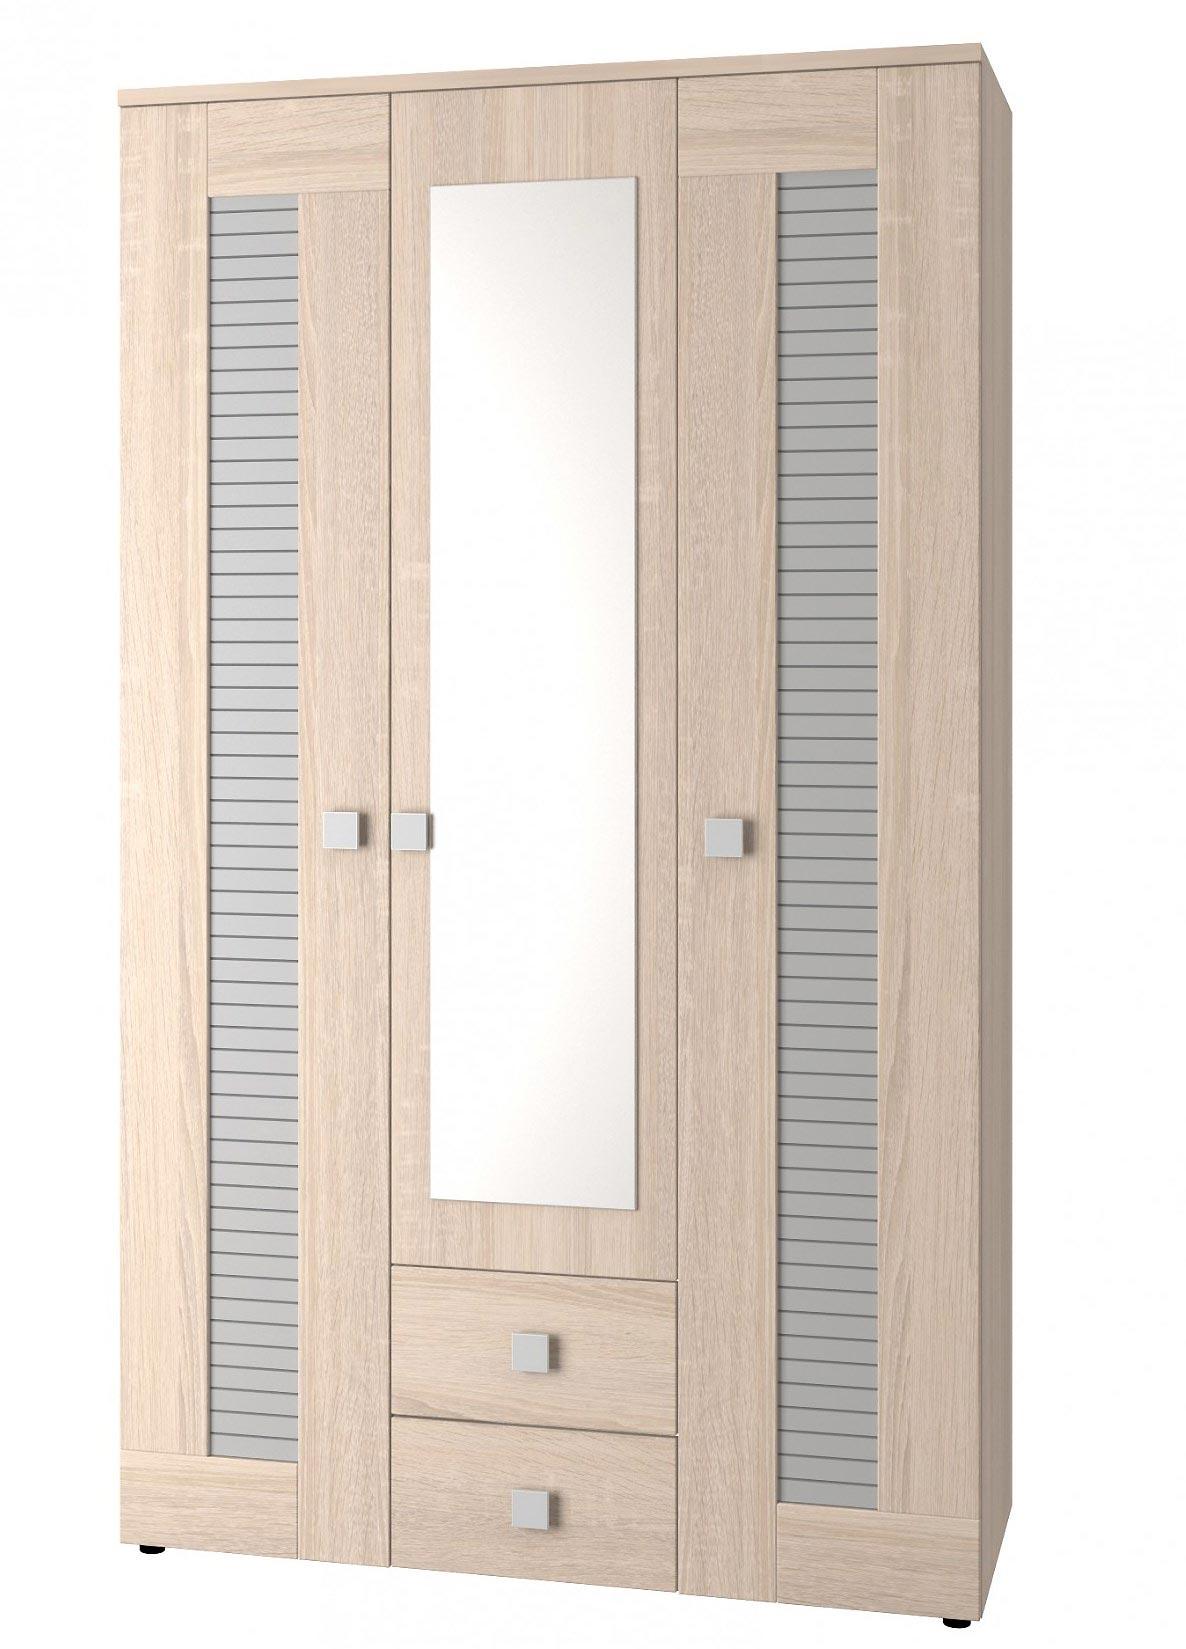 Шкаф 3х дверный для одежды Интеди Саша Модерн, ИД.01.67